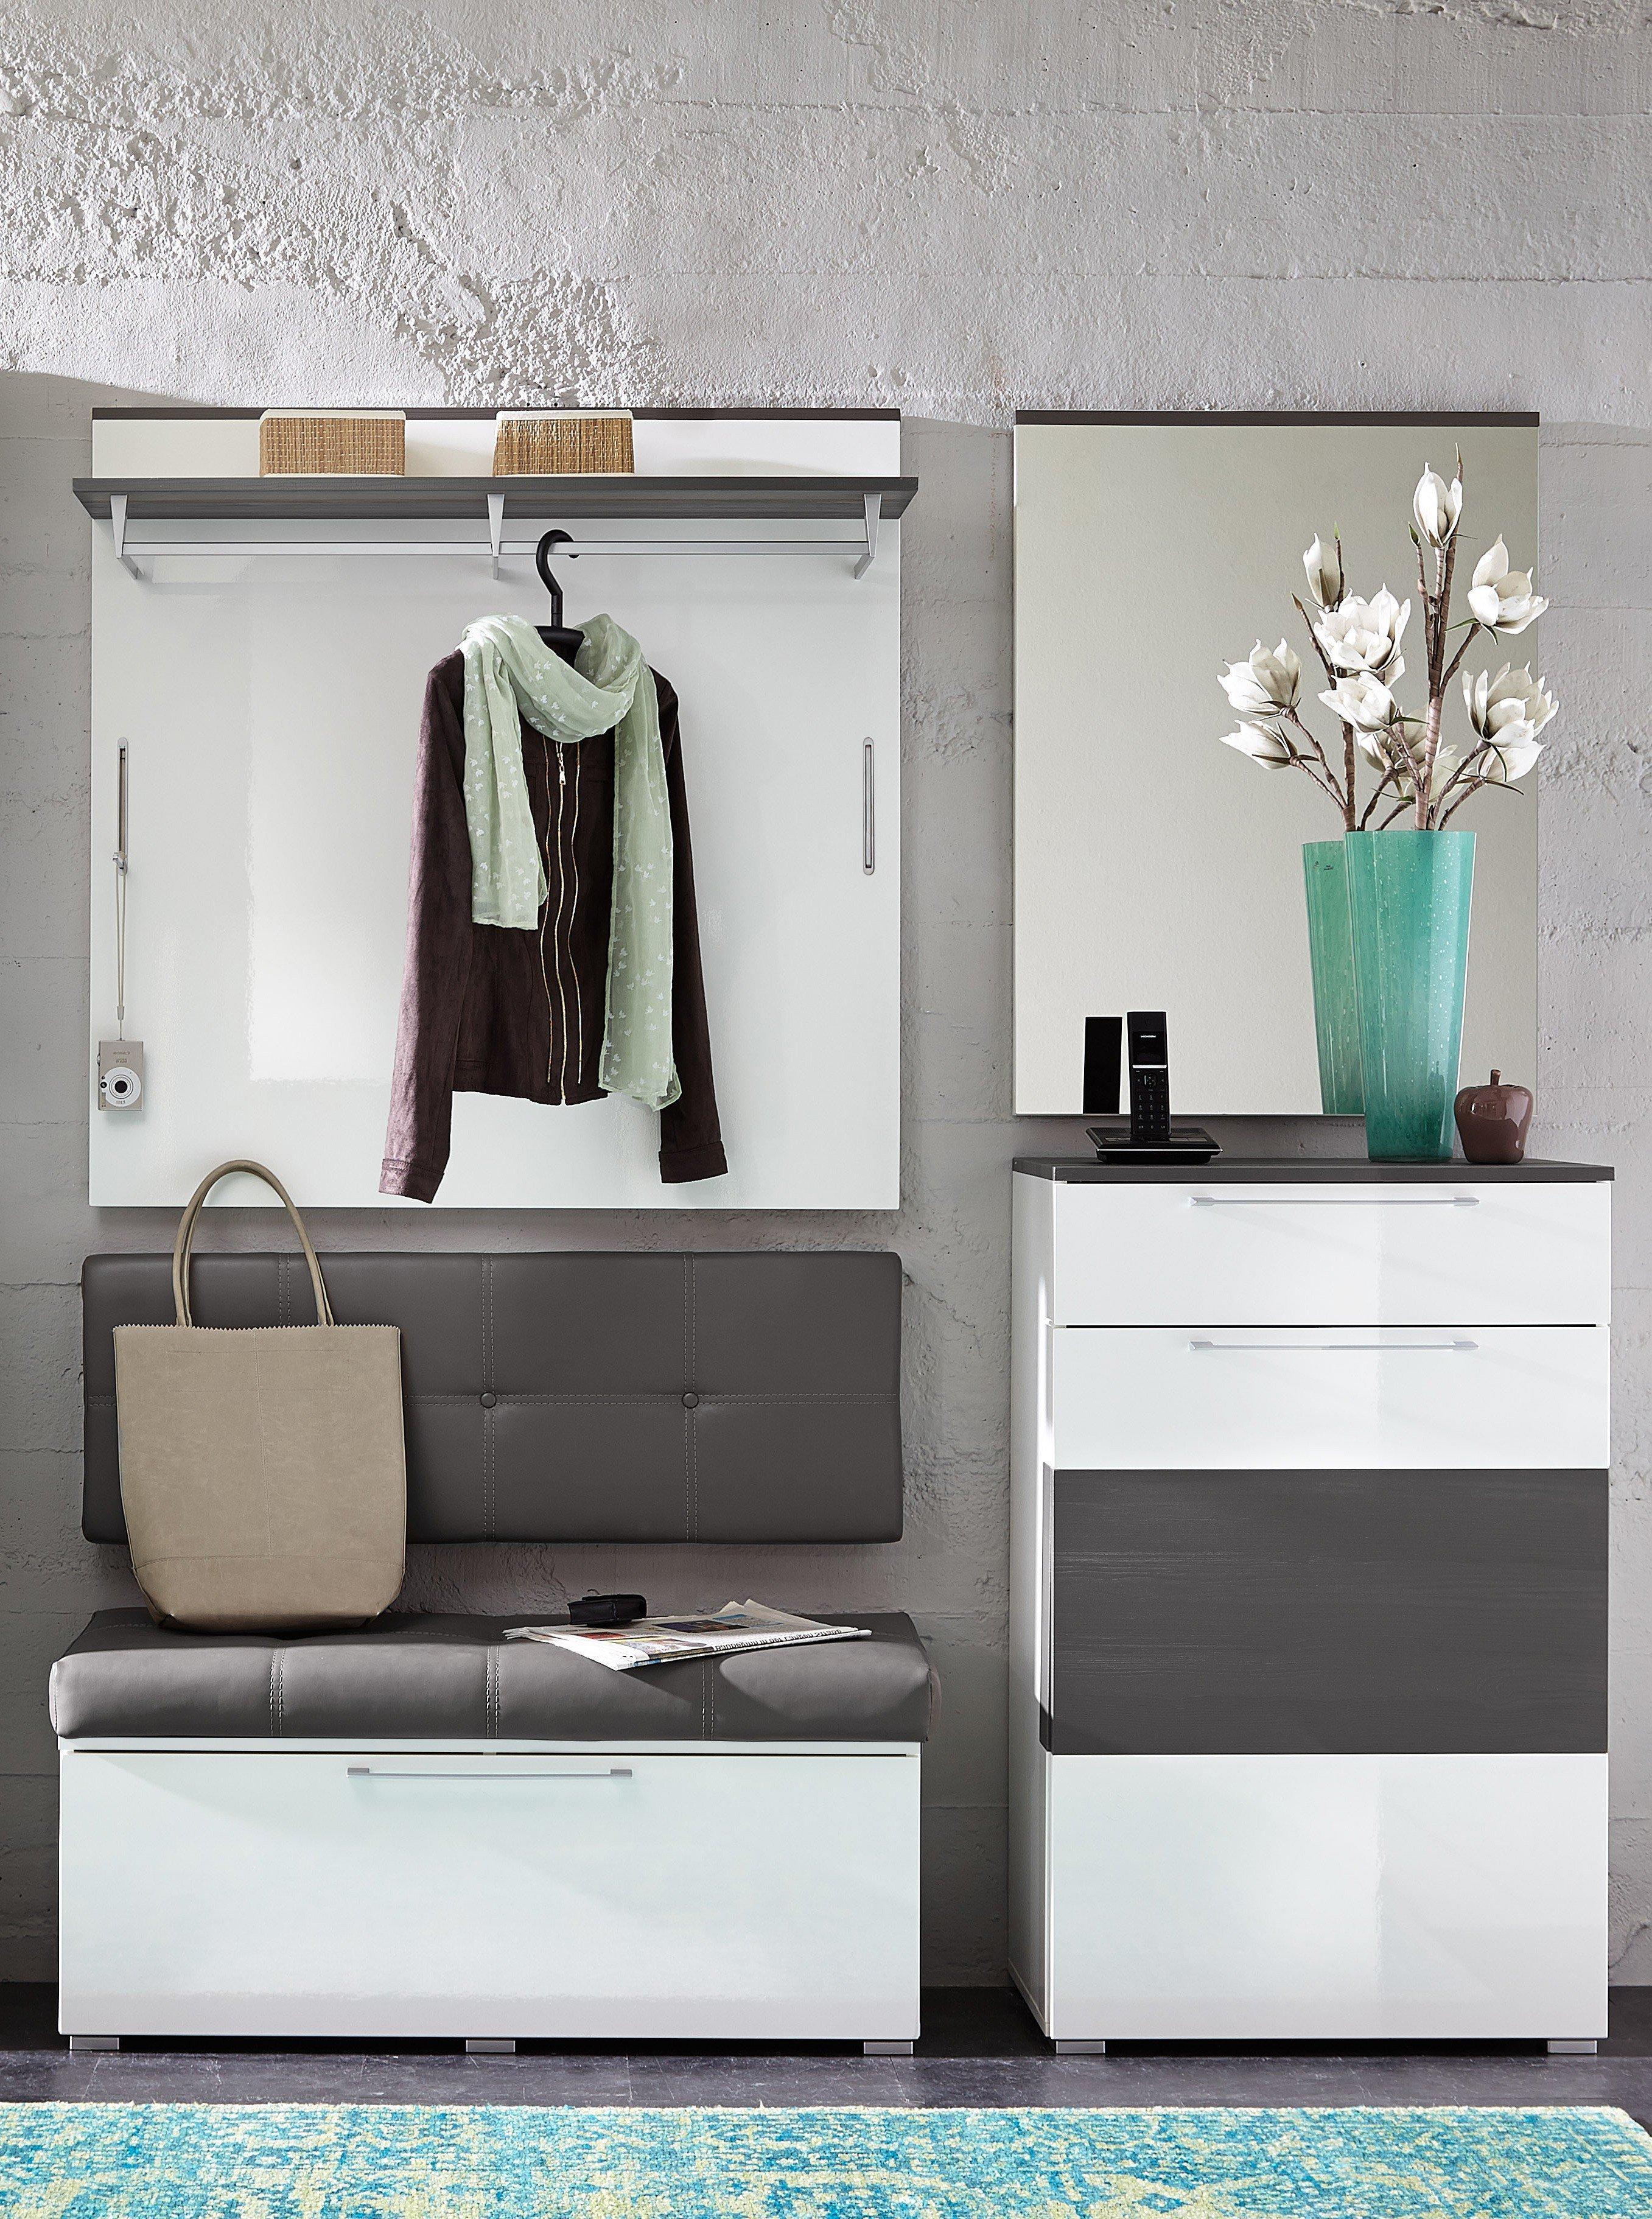 innostyle garderobe reno wei grau 4 teilig m bel letz ihr online shop. Black Bedroom Furniture Sets. Home Design Ideas